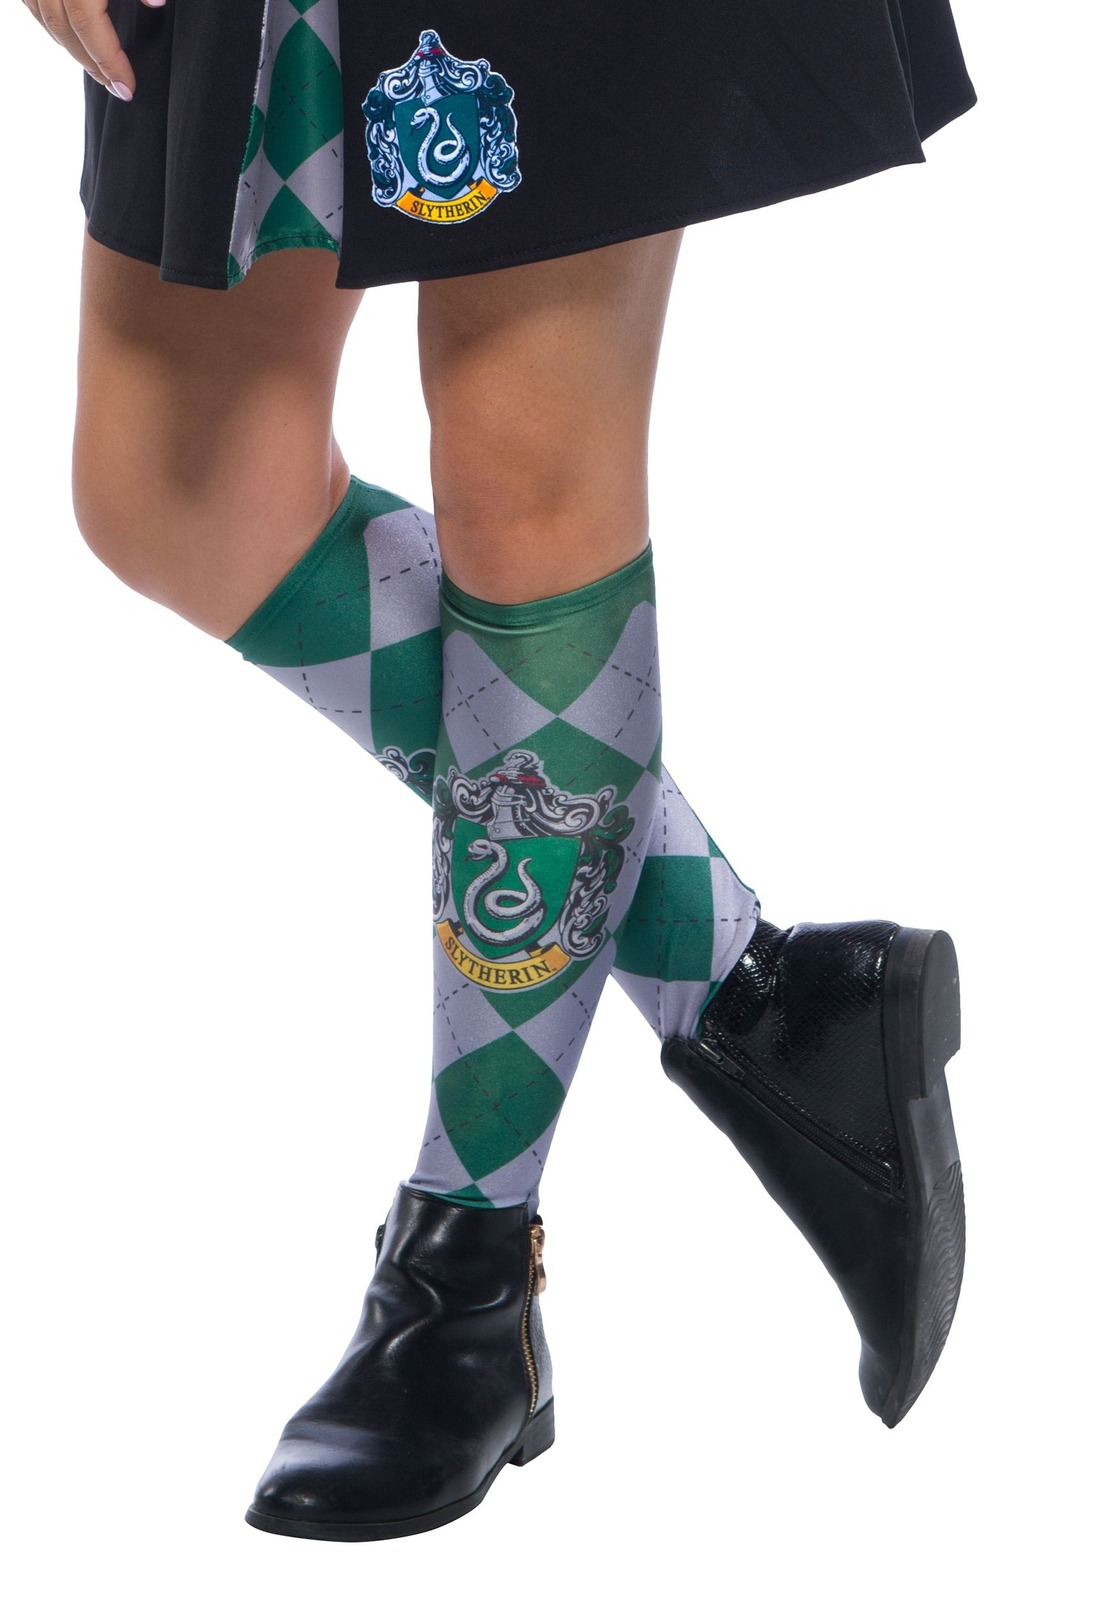 Harry Potter Slytherin Socks - One Size image